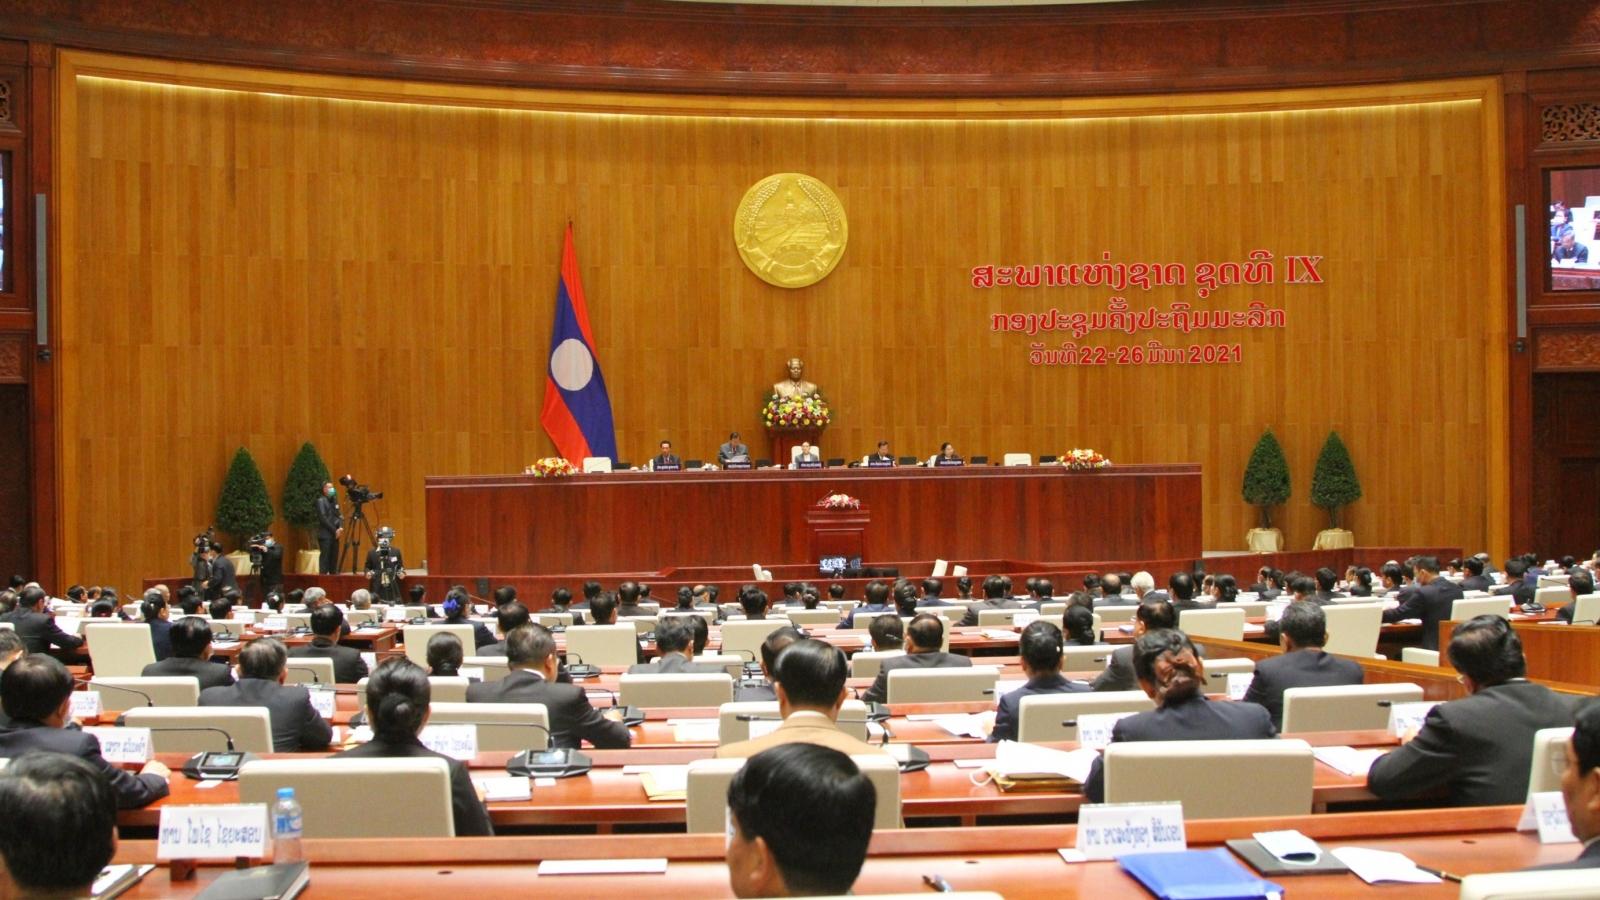 Lào khai mạc kỳ họp thứ nhất Quốc hộikhóa IX